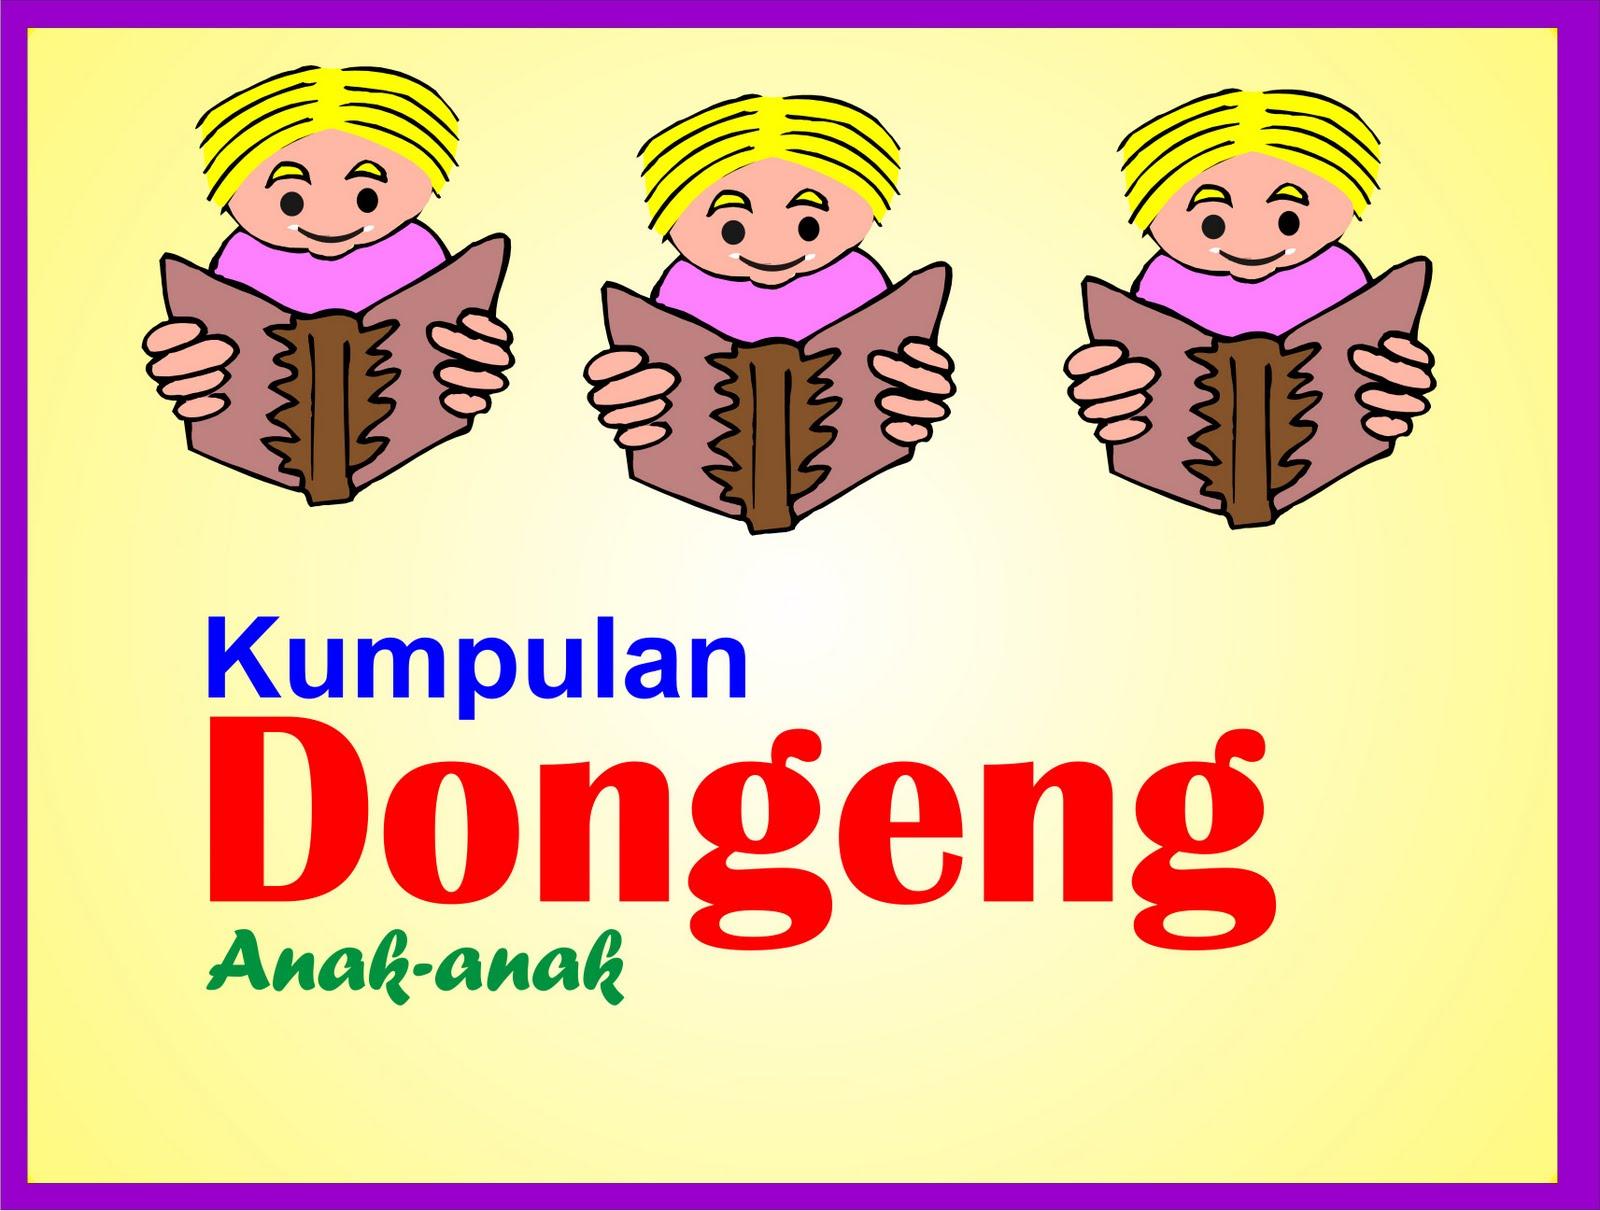 Kumpulan Dongeng / Cerpen / Cerita Anak (Dongeng Anak-Anak TK dan PAUD